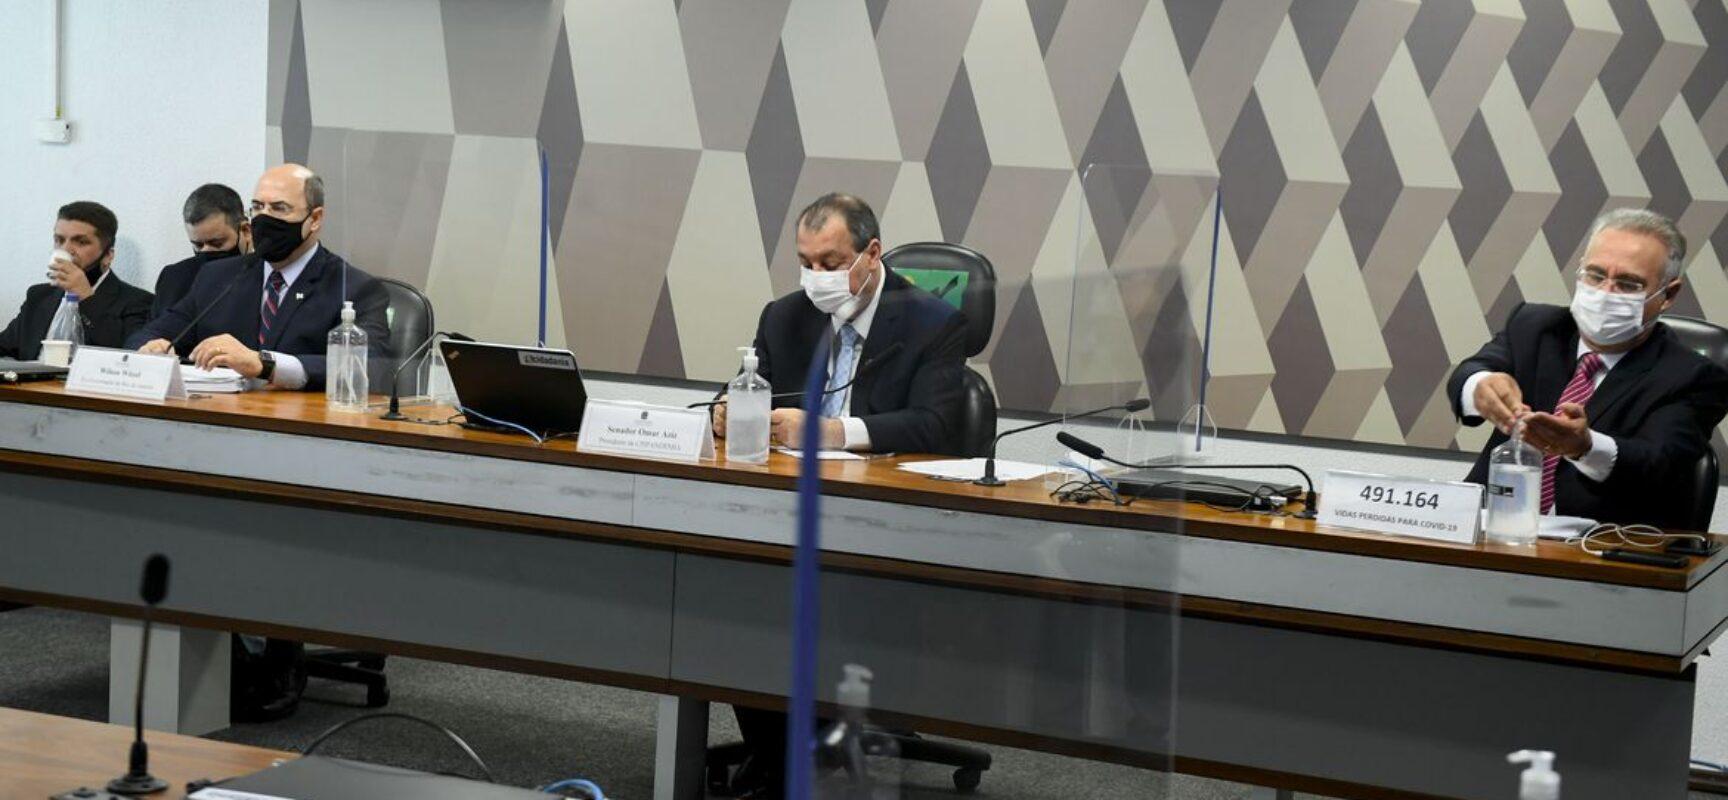 Witzel: faltou diálogo para definição de ações contra a pandemia